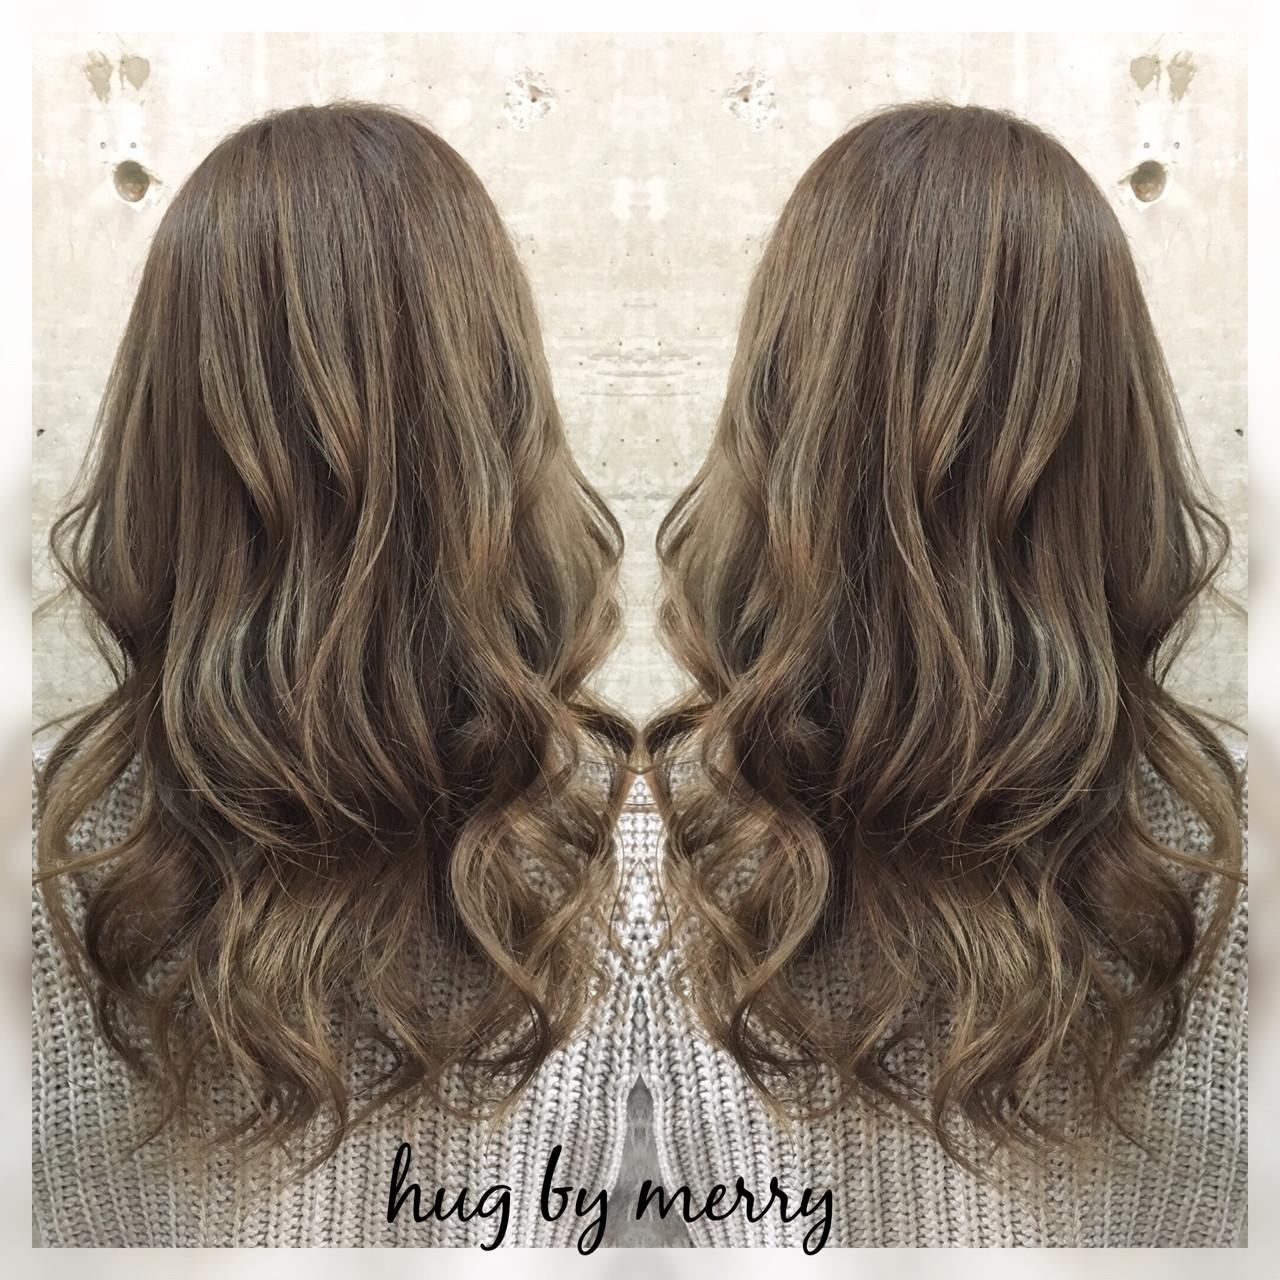 アッシュ セミロング ガーリー ゆるふわ ヘアスタイルや髪型の写真・画像